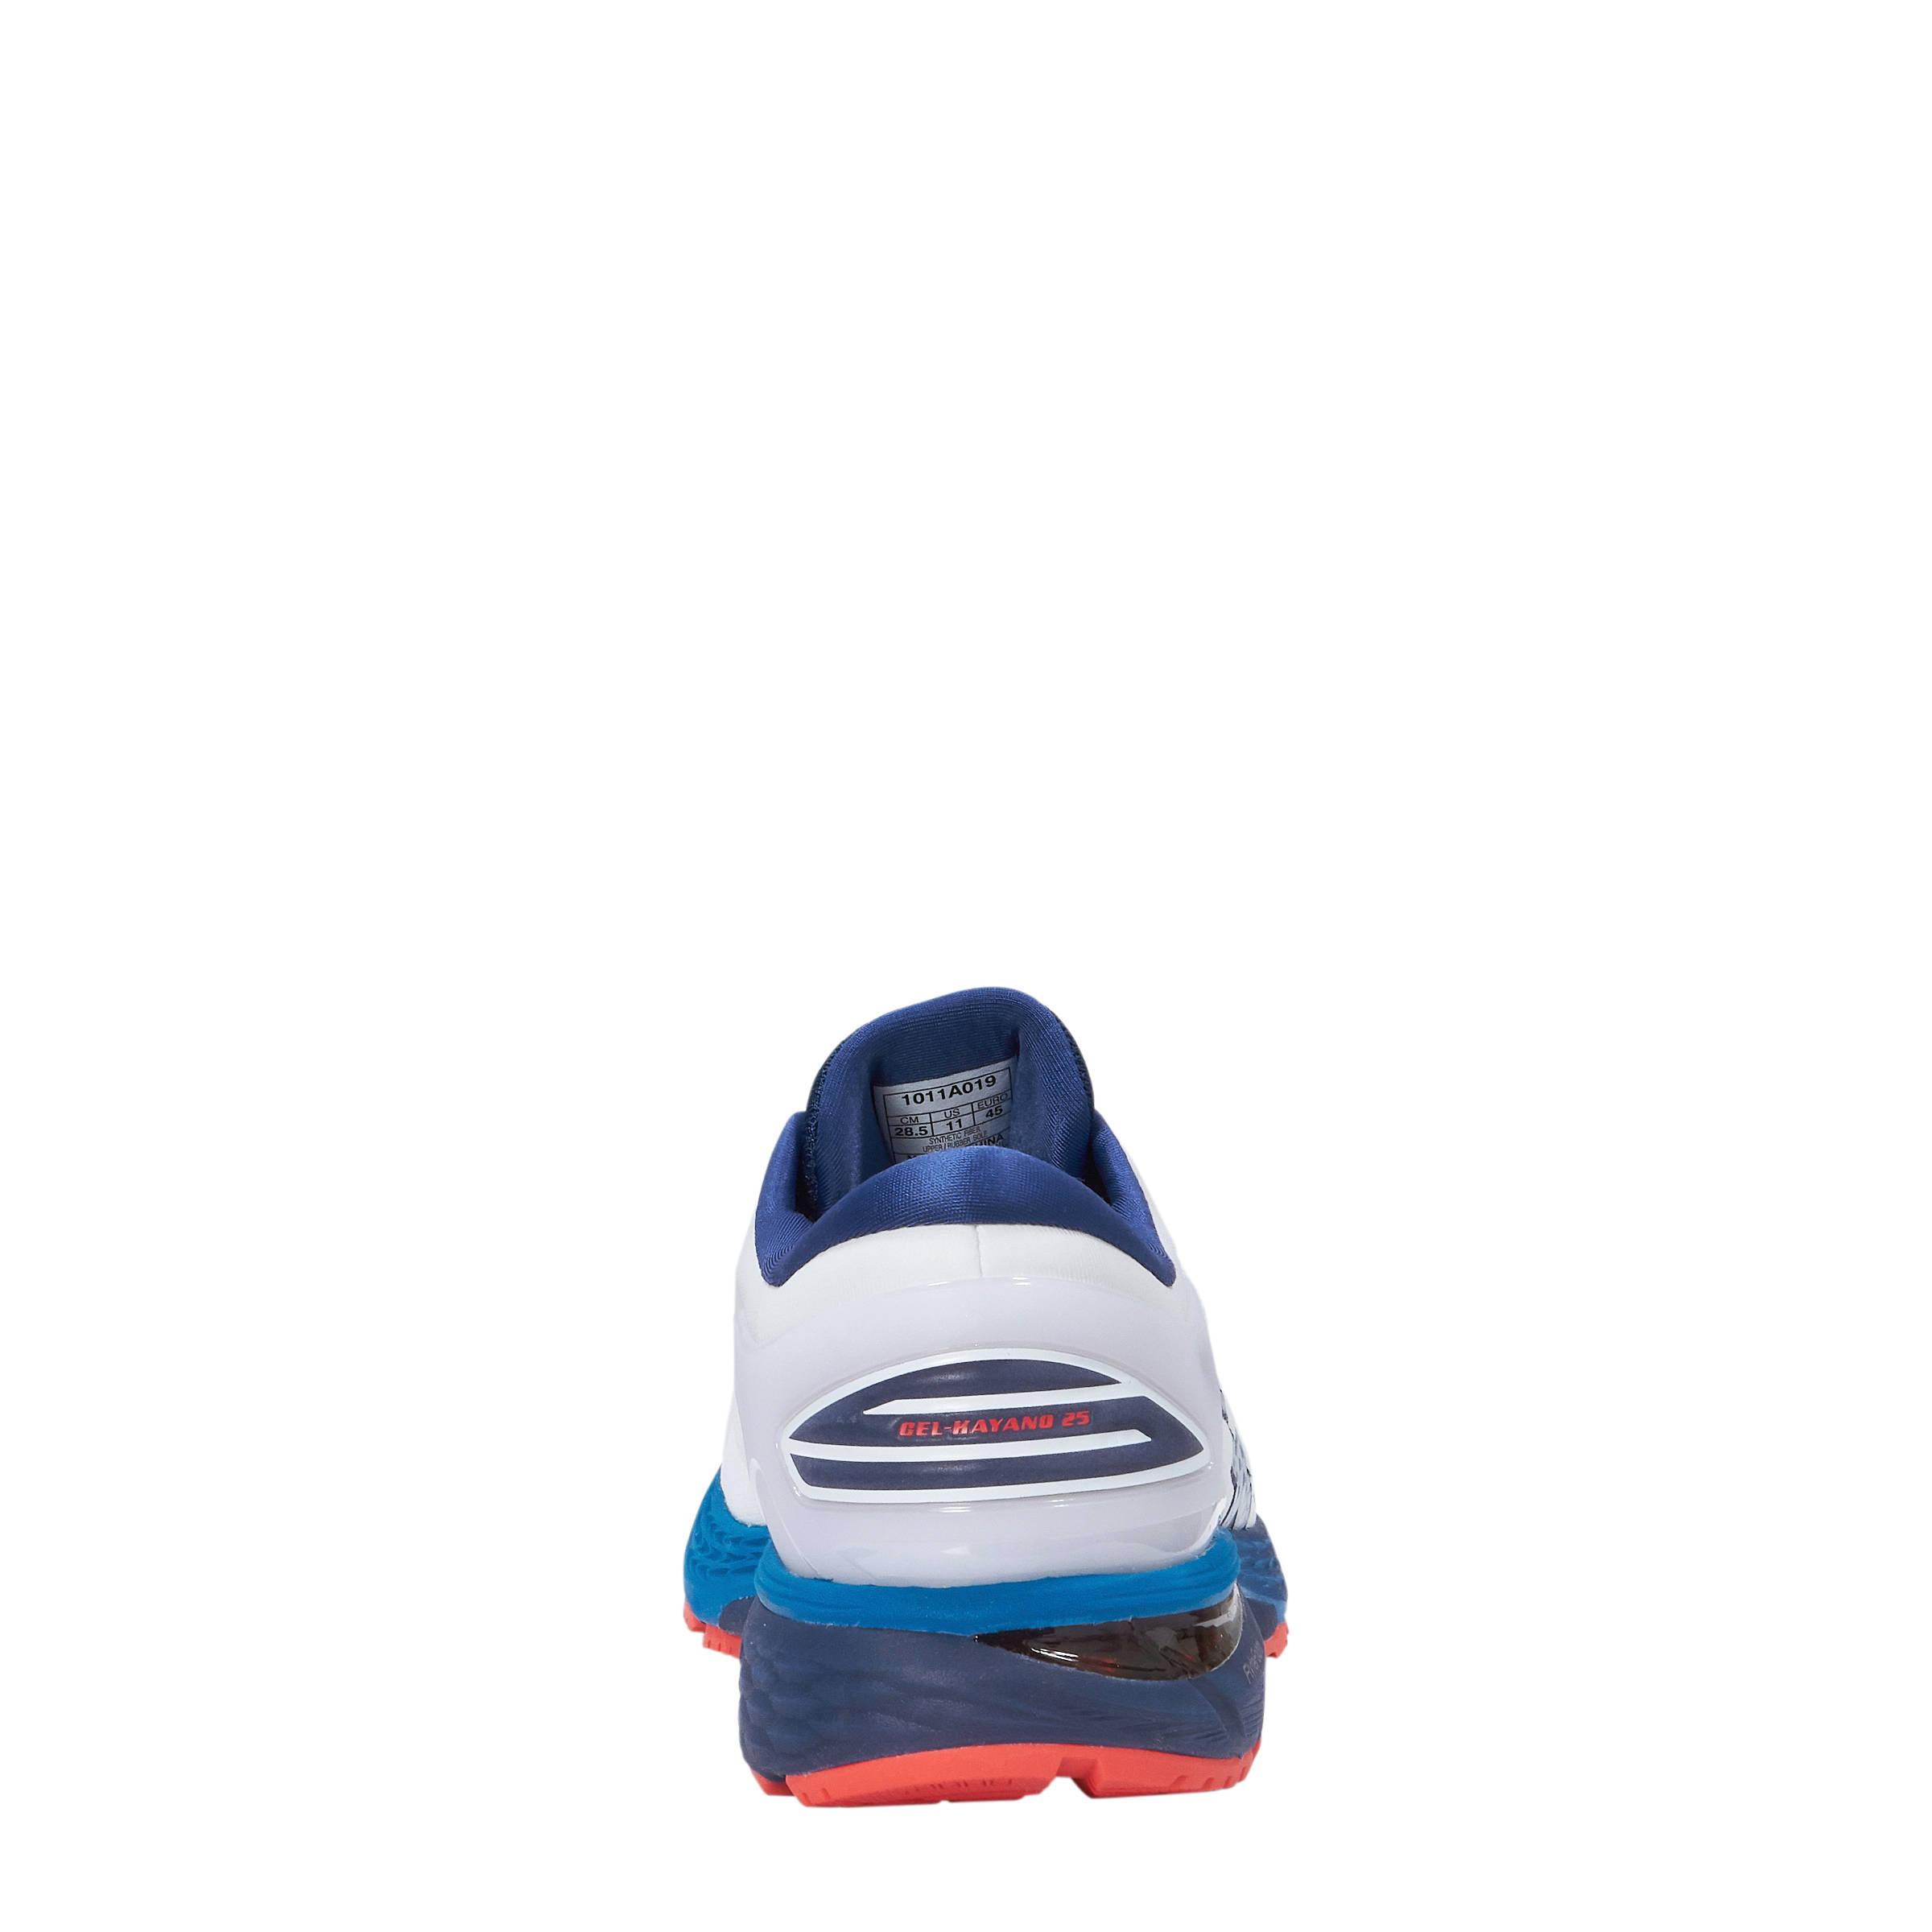 GEL KAYANO 25 hardloopschoenen witblauw